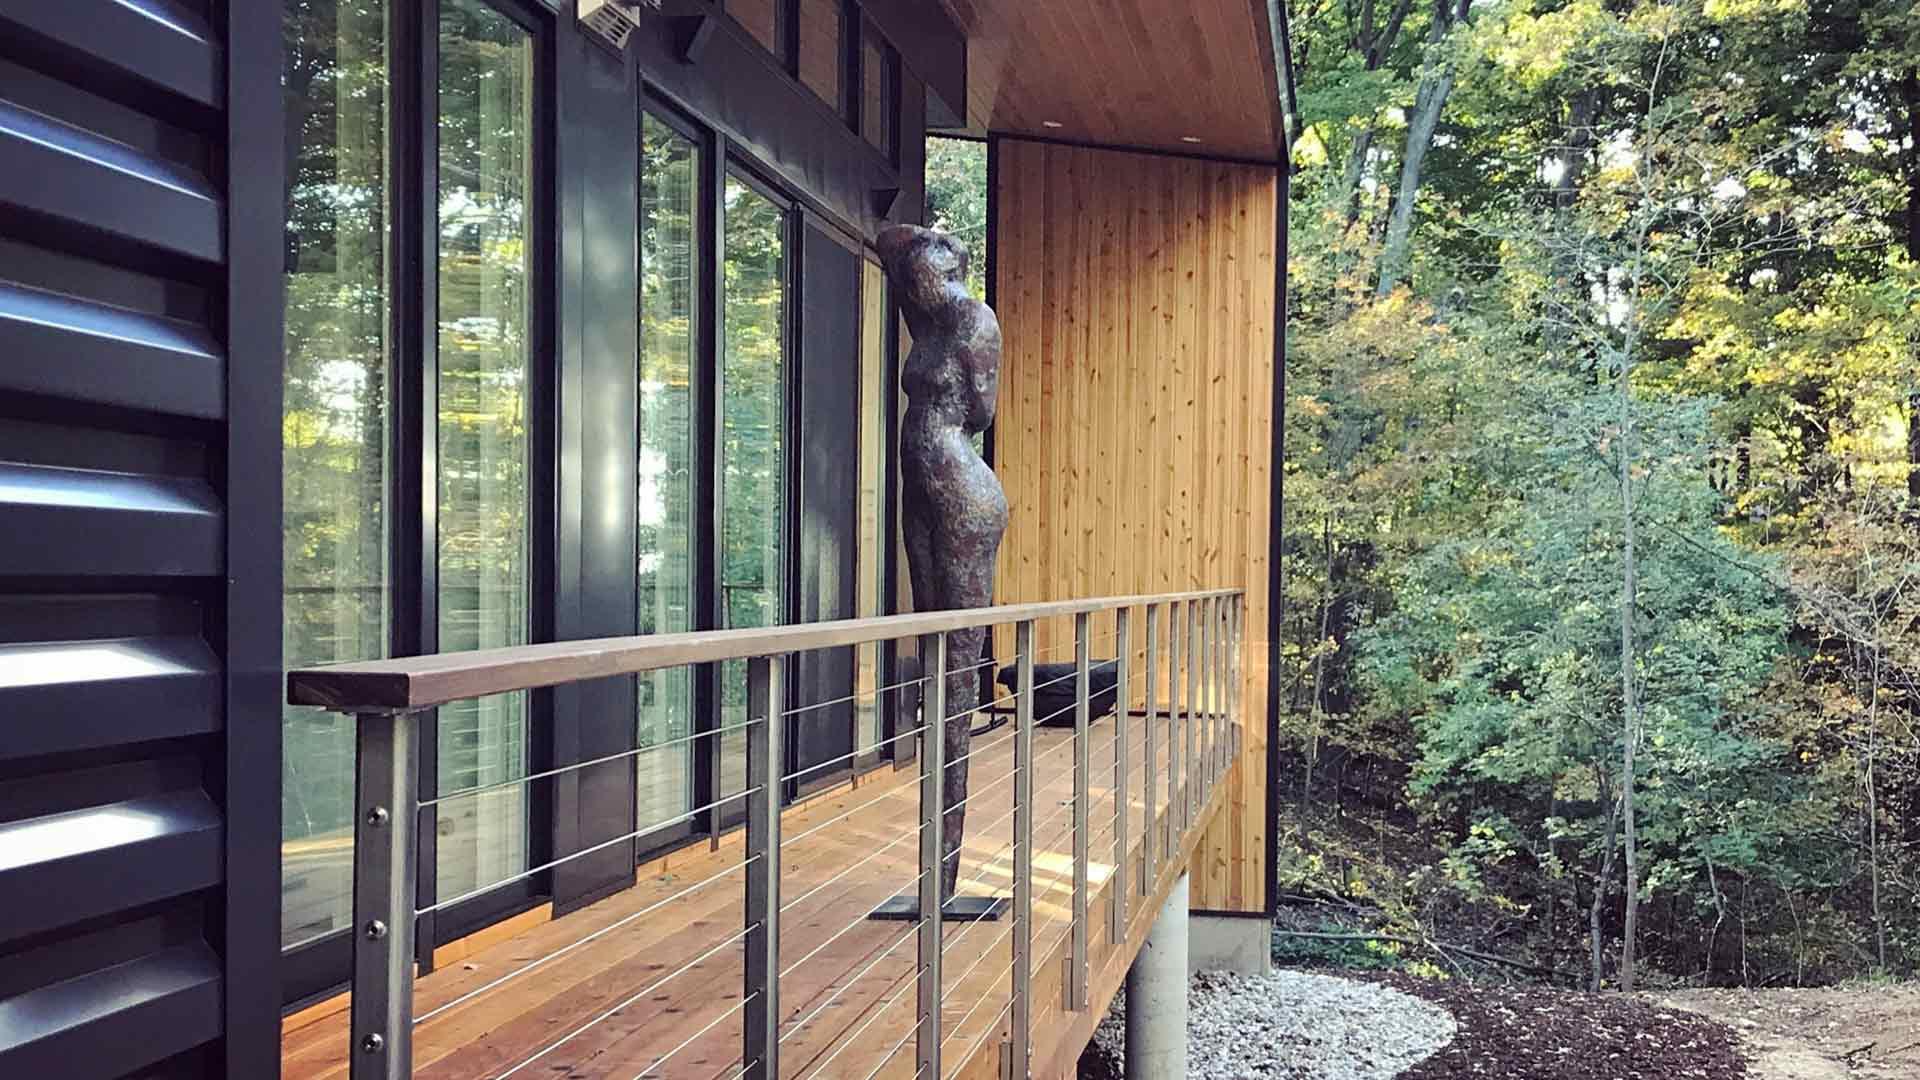 North Deck Overlook - Bridge House - Douglas, Michigan